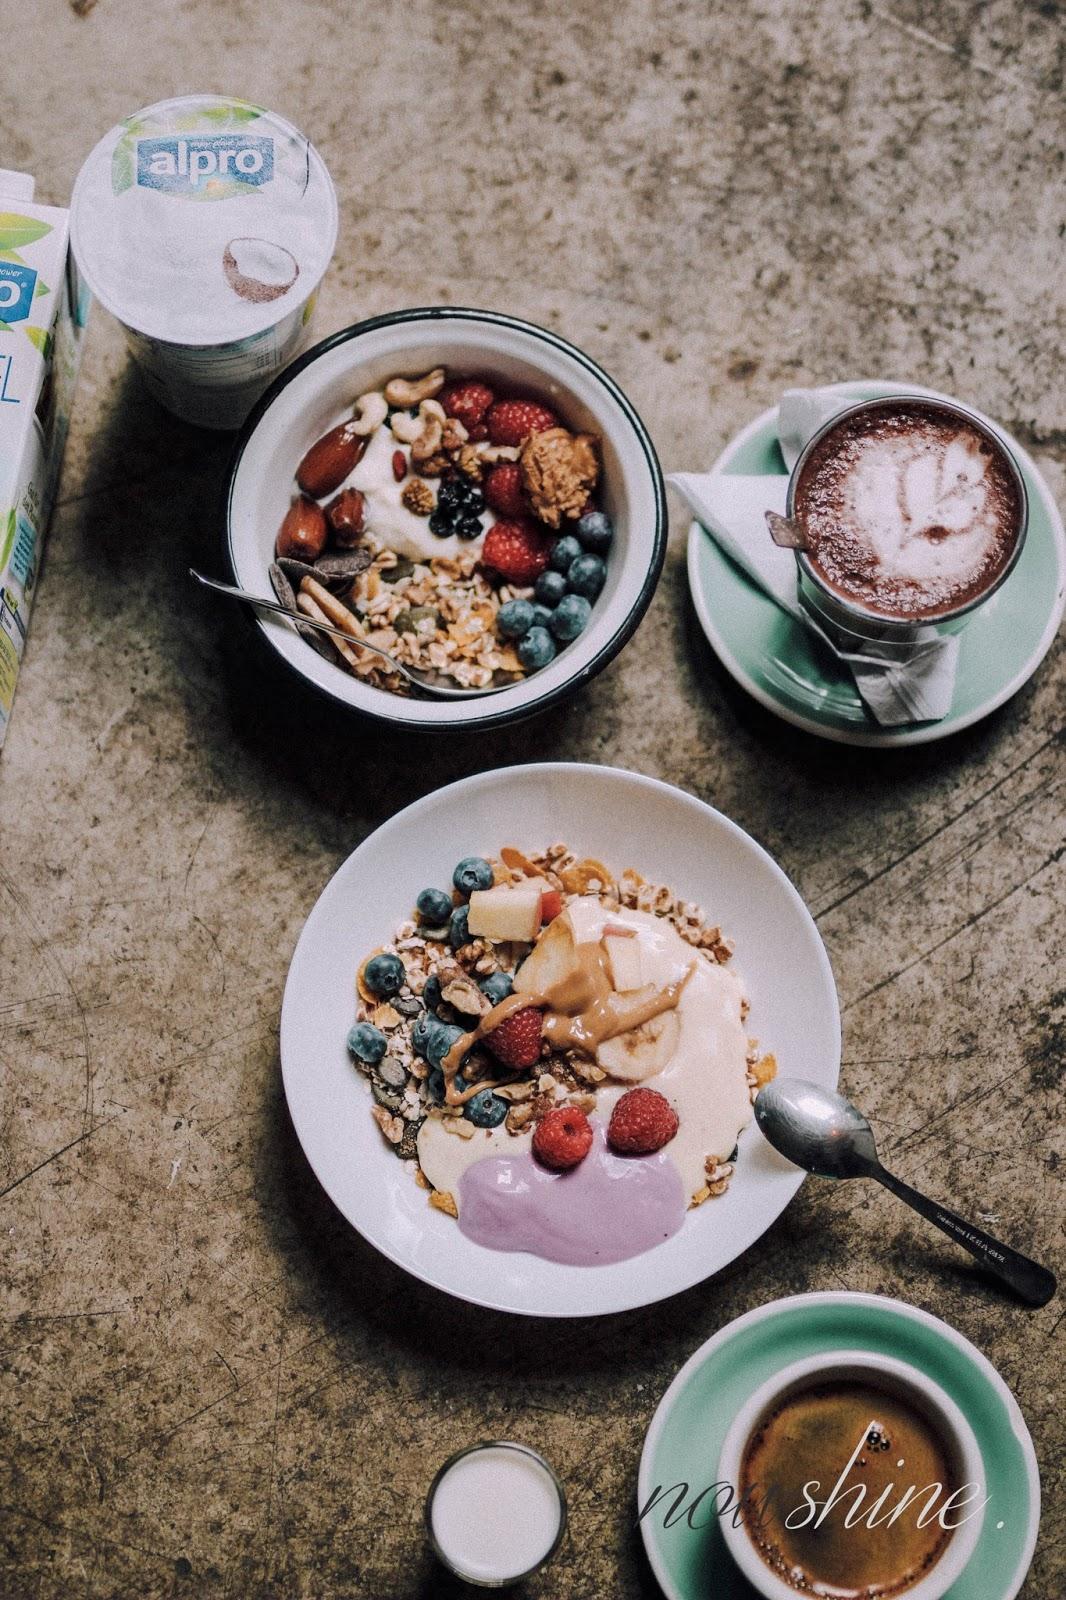 Haferflocken Rezept mit Mandeldrink und Joghurtalternative von Alpro Nowshine ü40 Lifestyle Blog